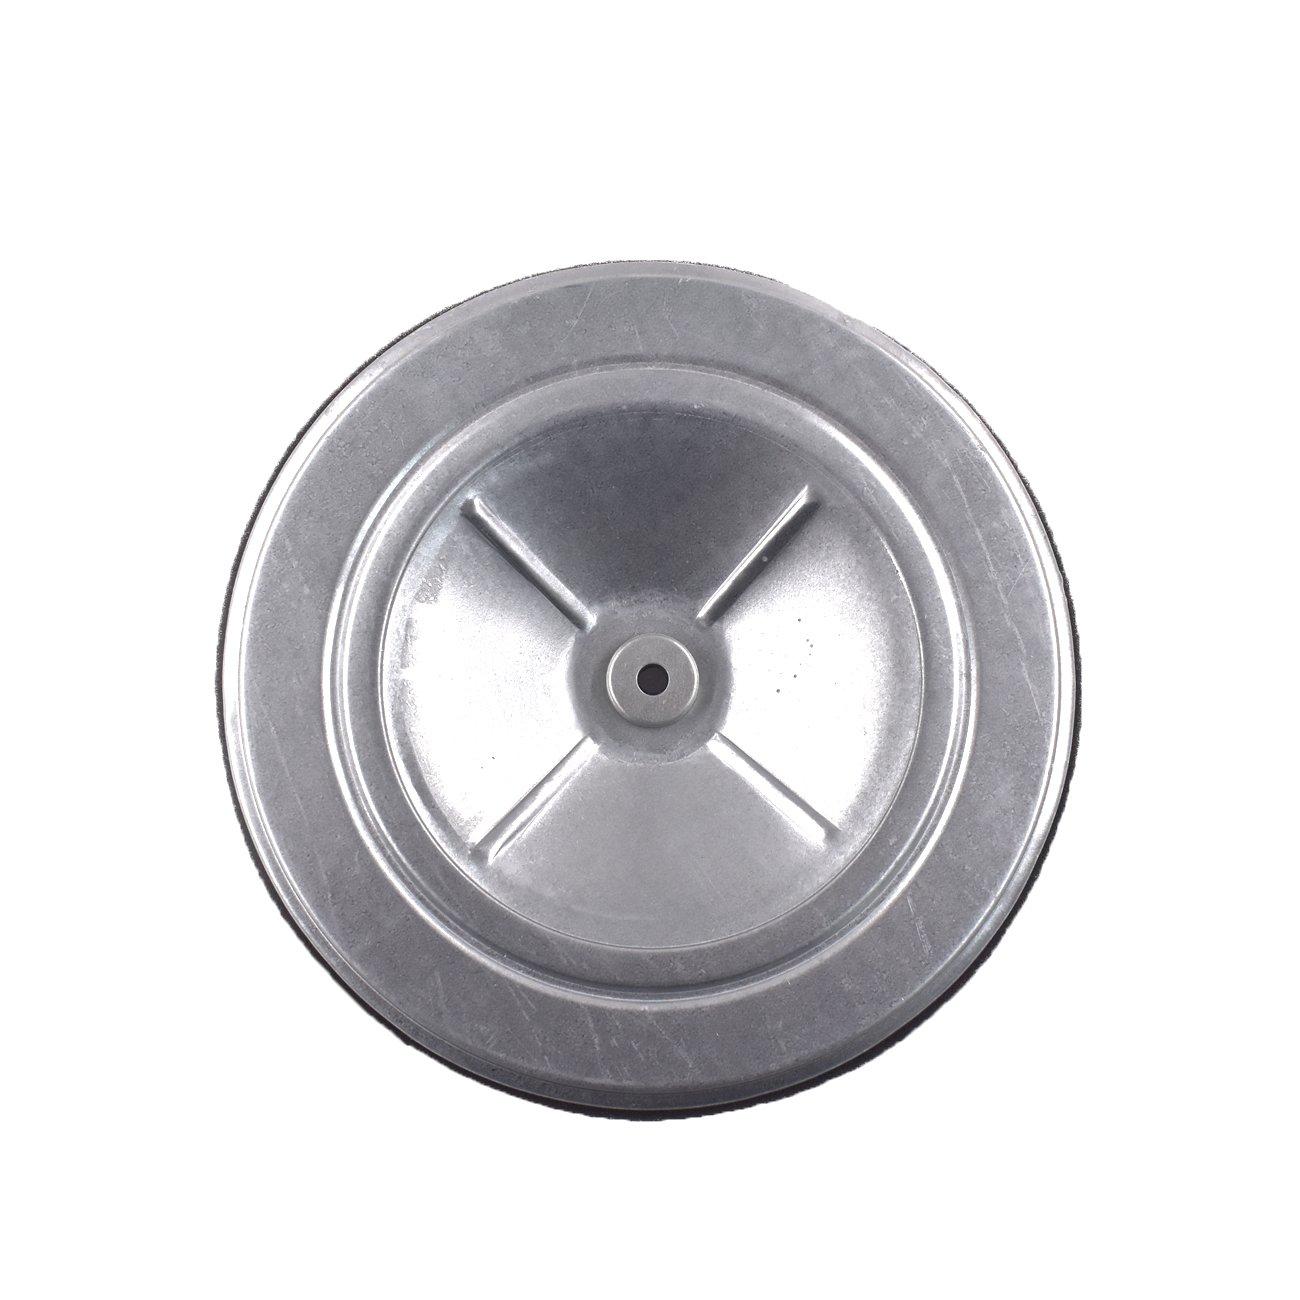 Ruichang Filtre pour Honda GX630 GX630R GX630RH GX660 GX690 17210-Z6L-010